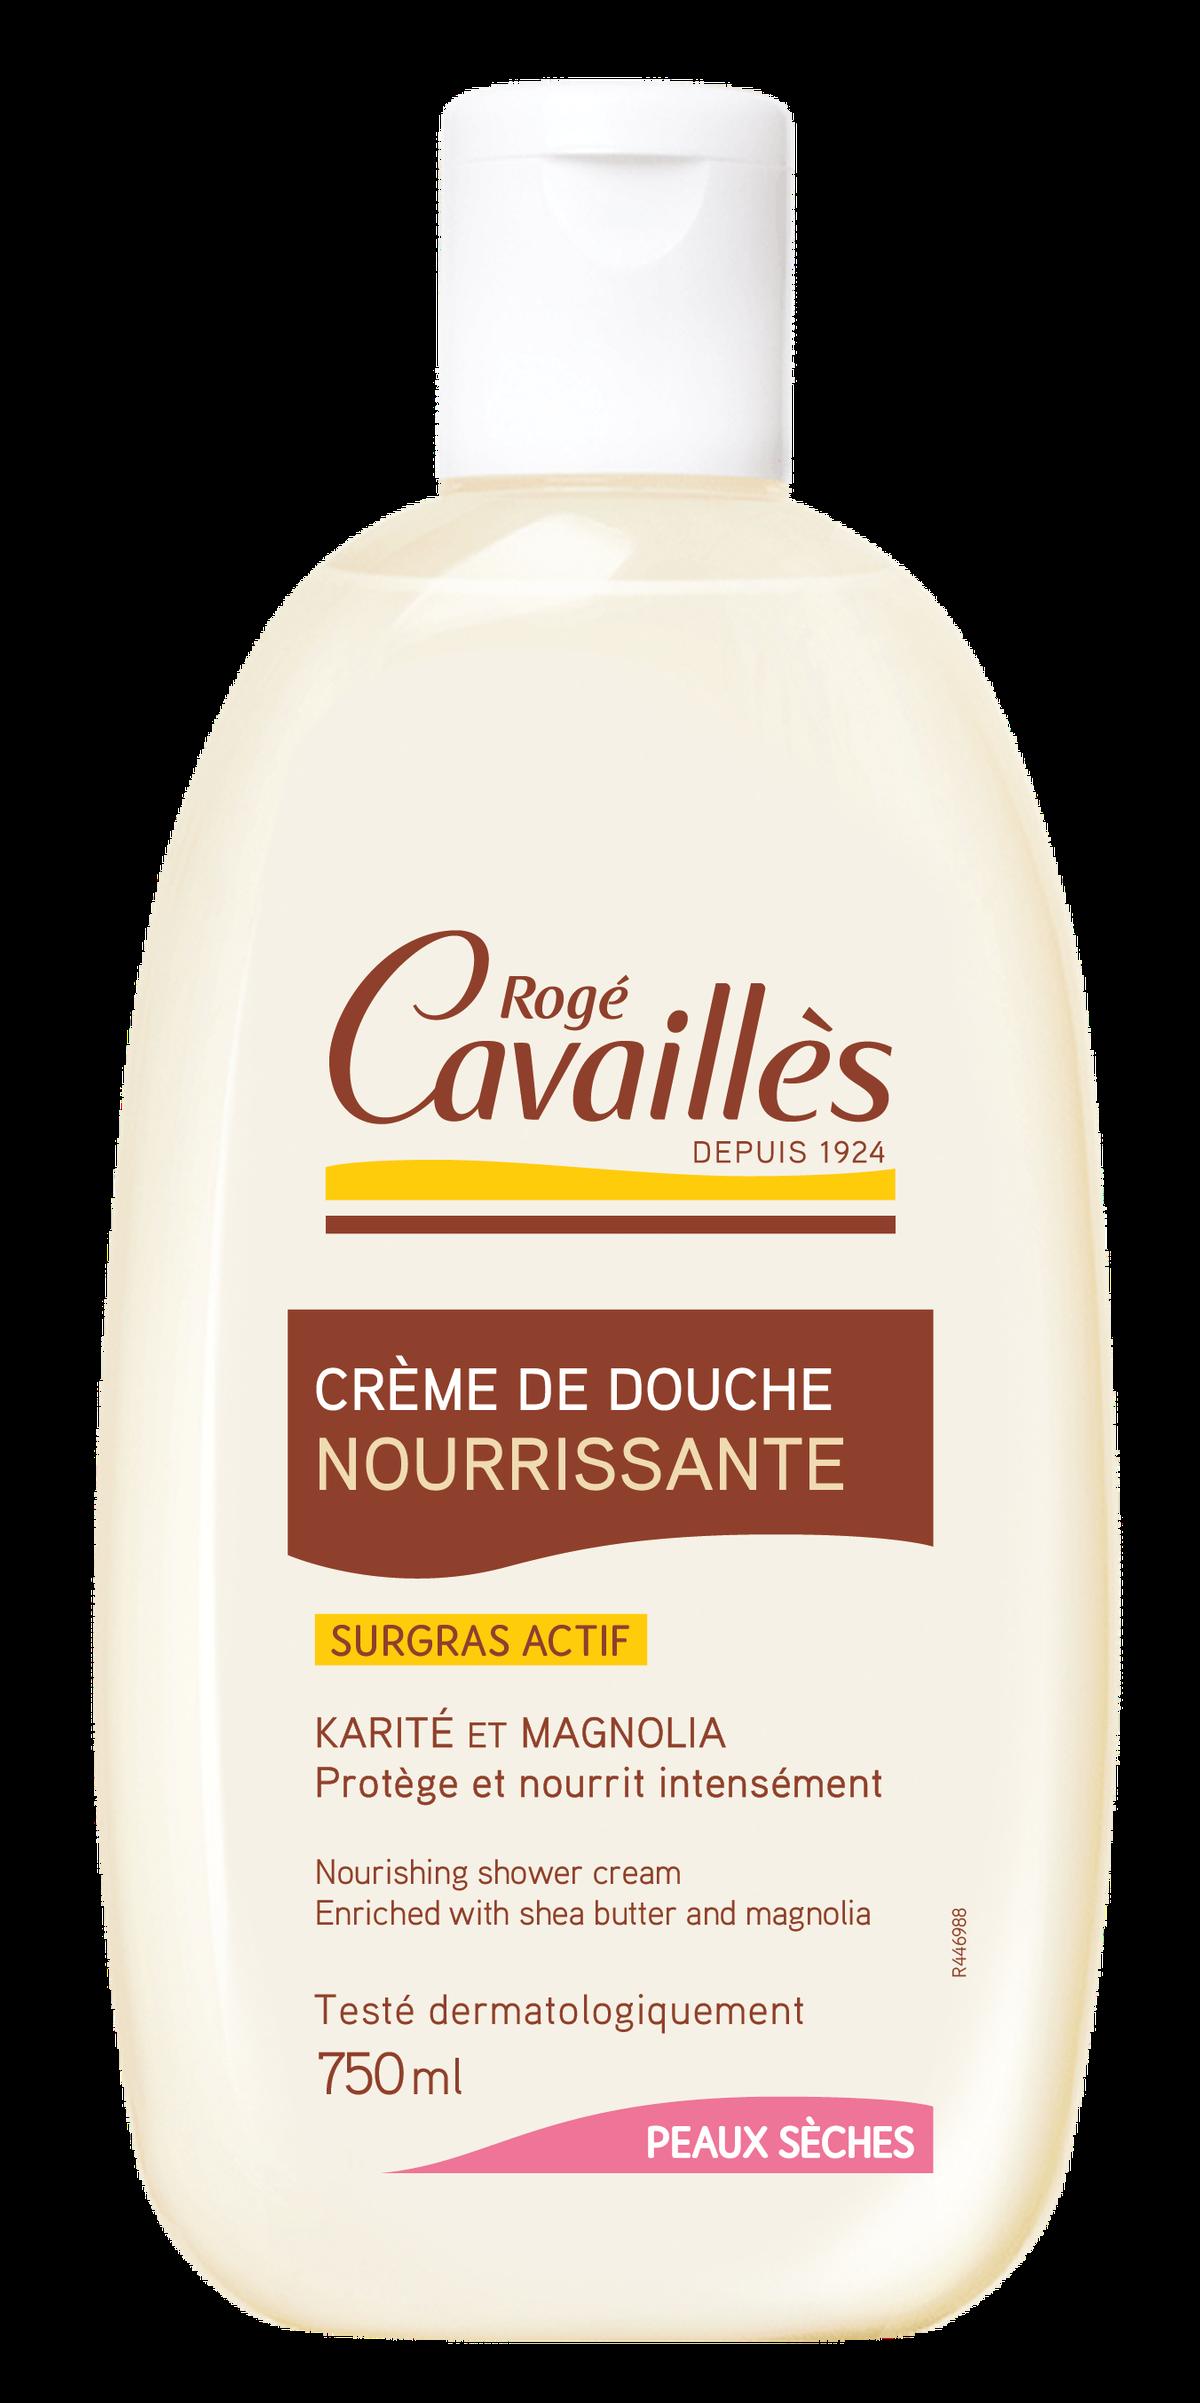 Crème de douche nourrissante beurre de karité & magnolia 750ml